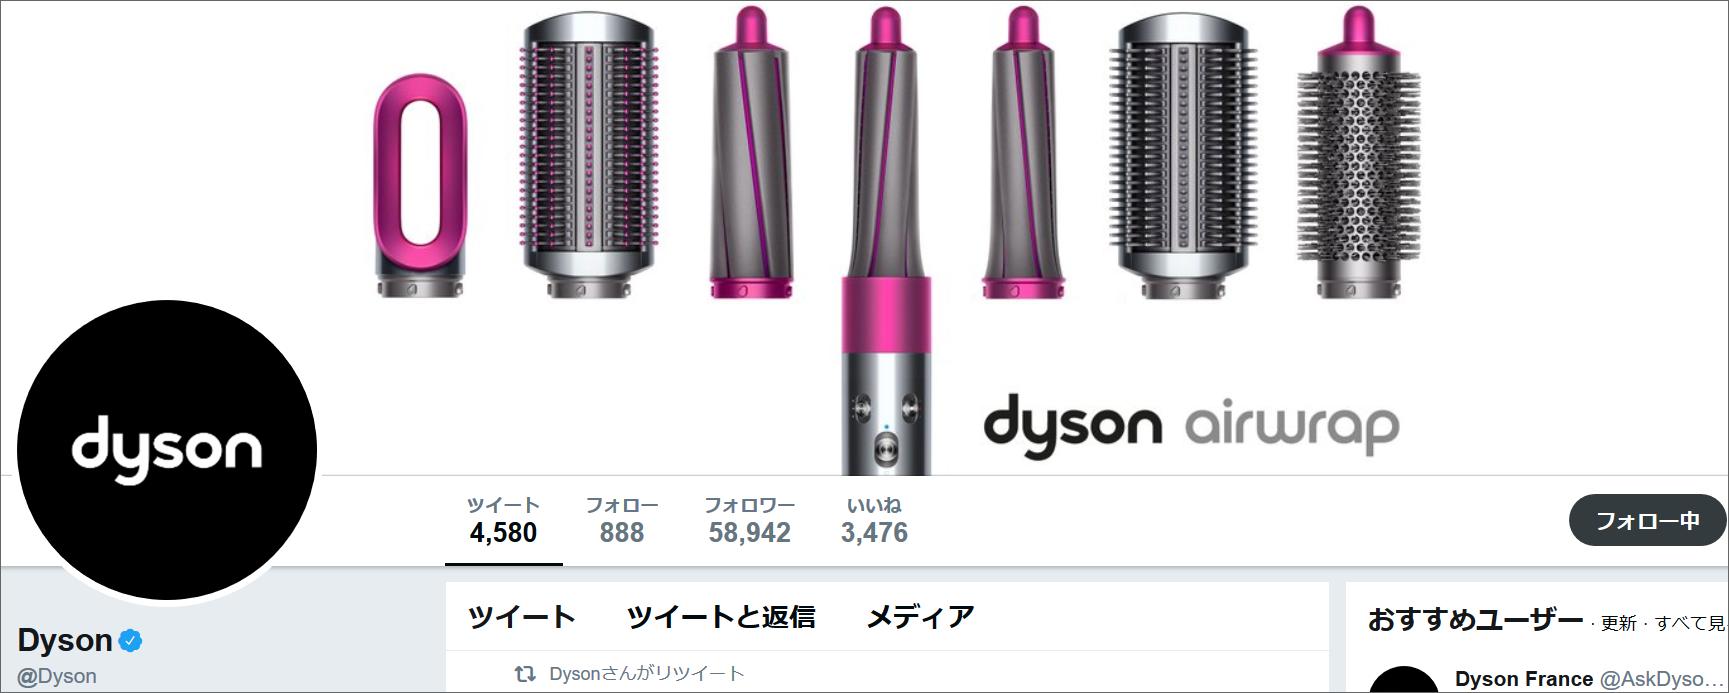 画像:dysonのTwitter公式アカウントイメージ